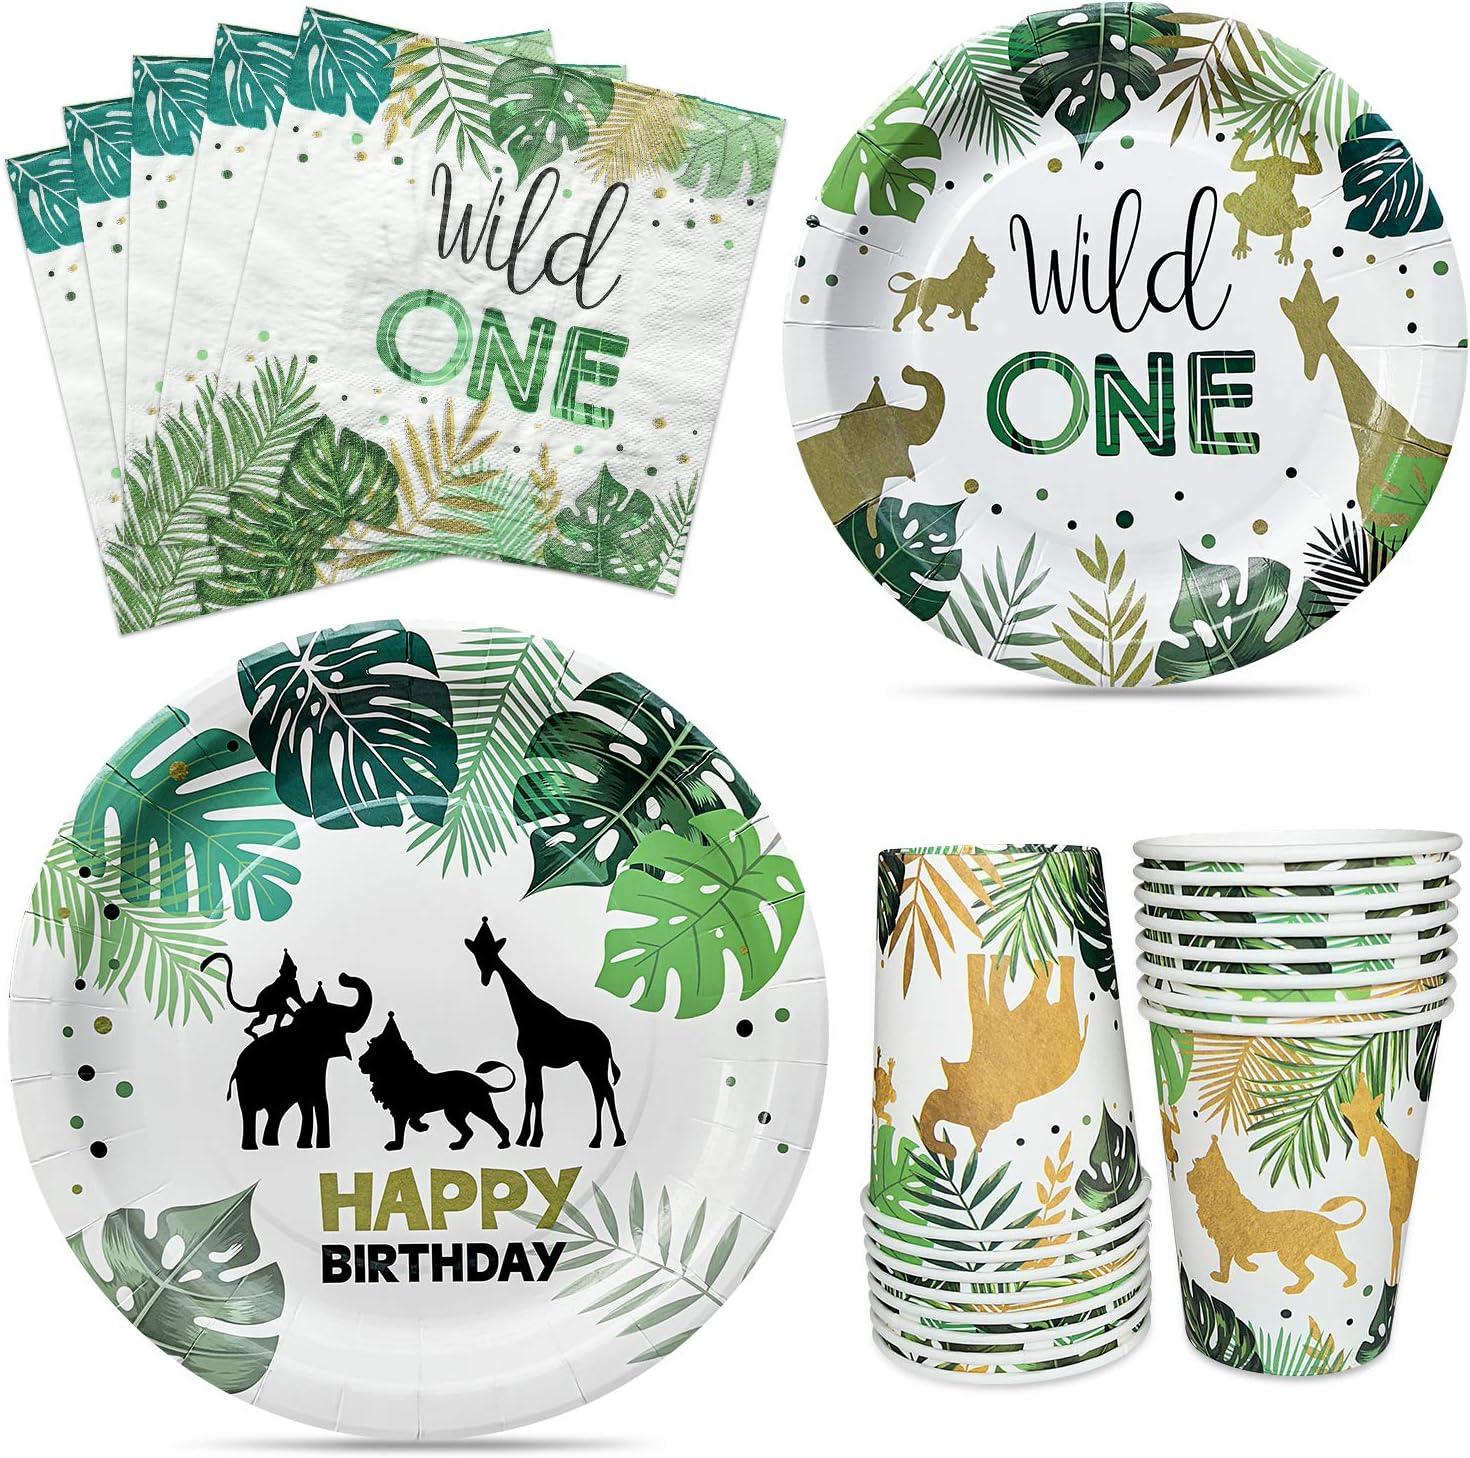 Wild One Birthday Boy  Wild One Birthday Girl  Wild One Birthday Decorations  Wild One Party Straws  Wild One Party Ideas  Safari Party